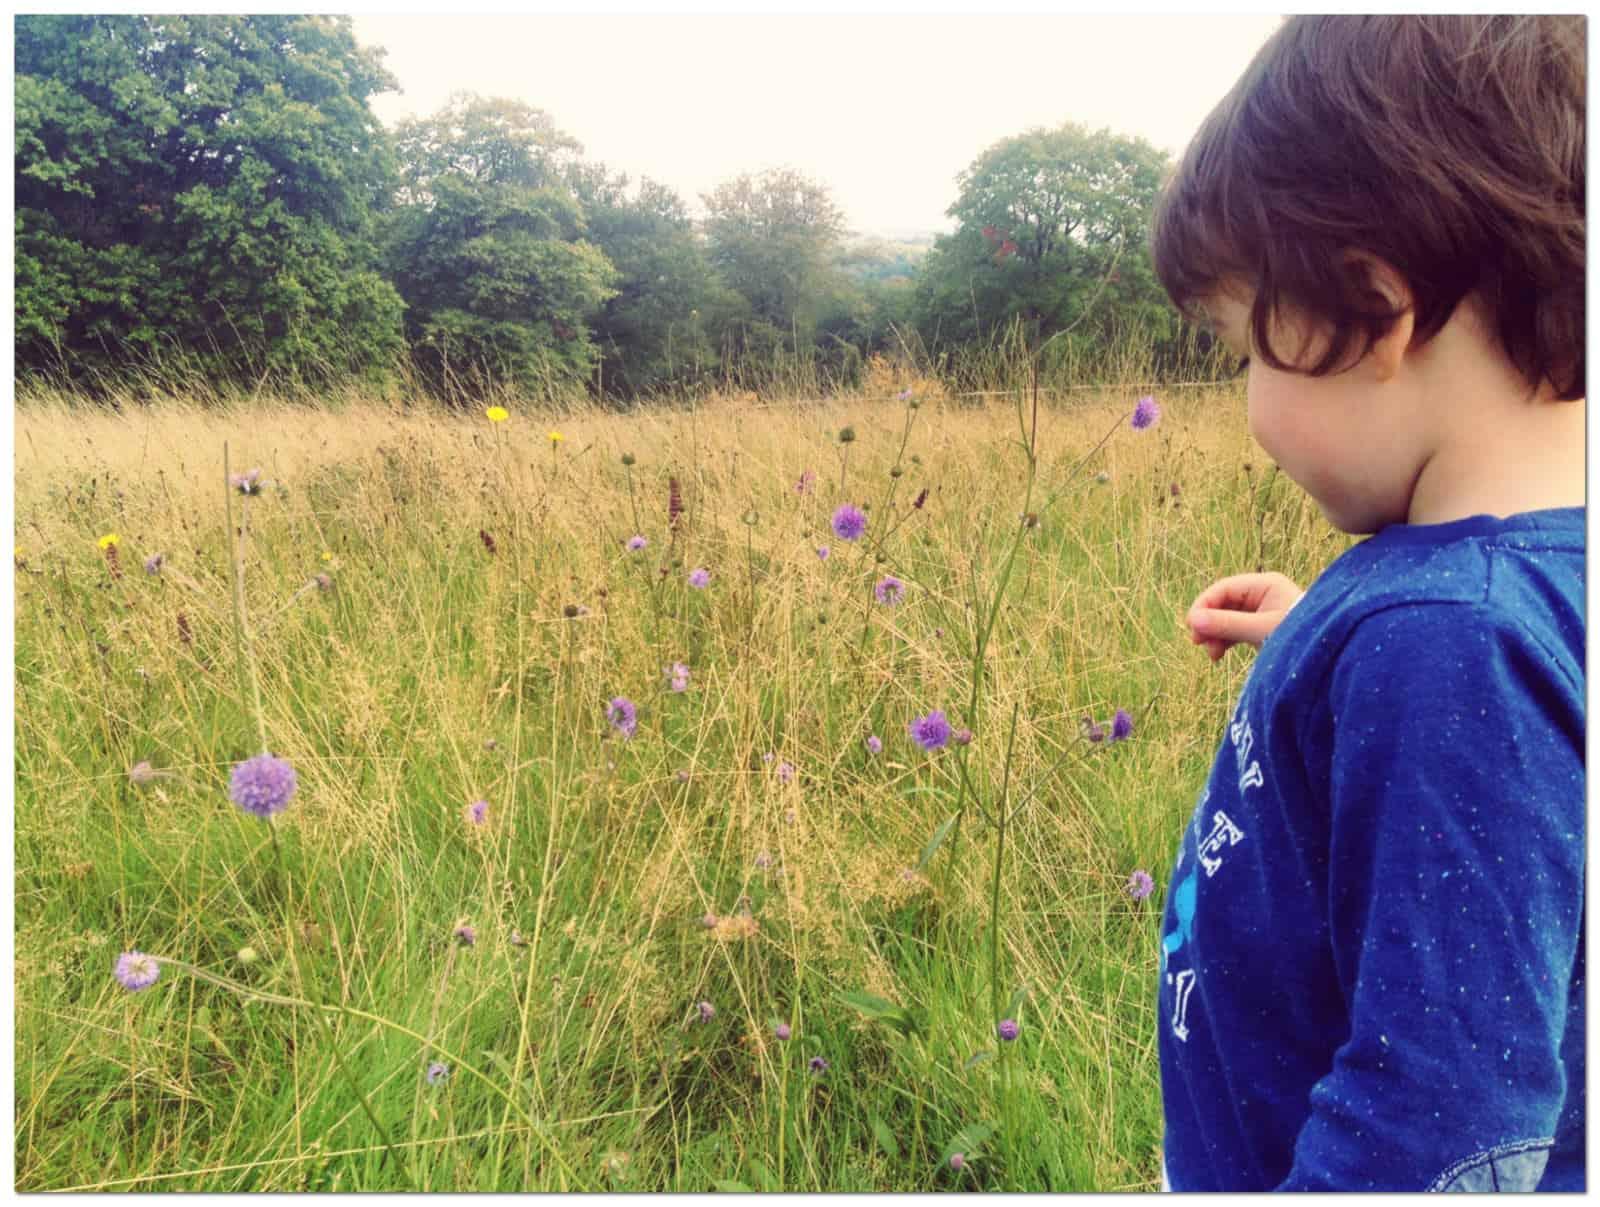 Nymans Gardens Sussex | My Travel Monkey